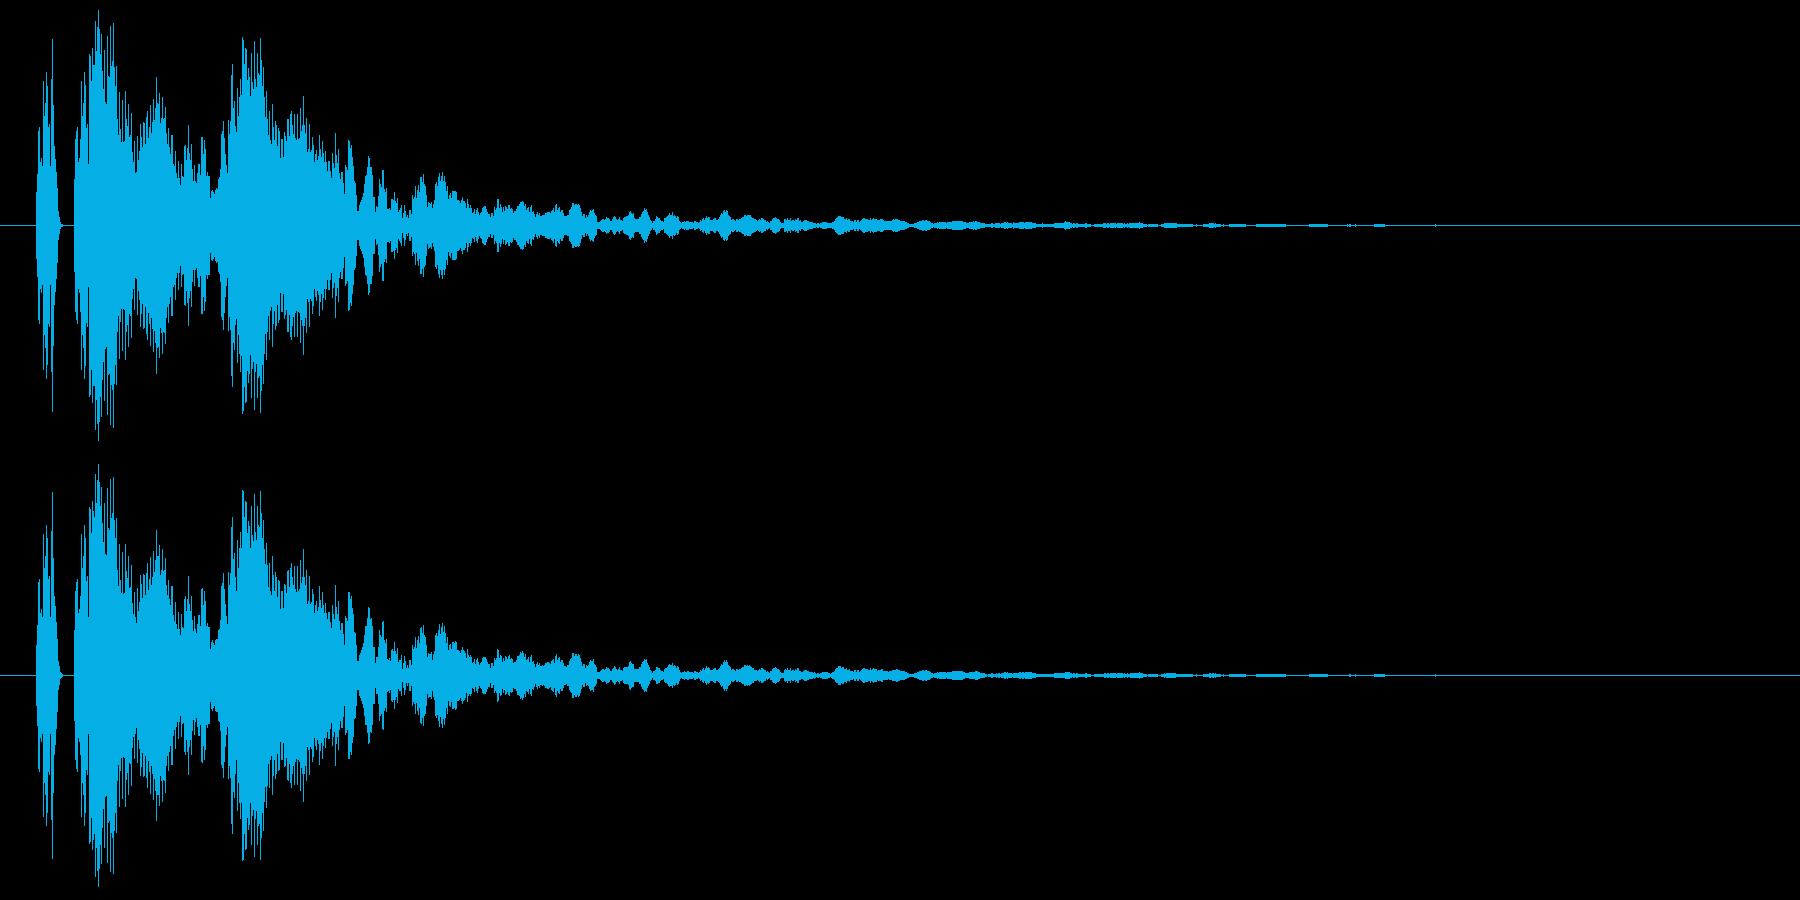 【ポポン!】とてもリアルな太鼓の鼓!08の再生済みの波形